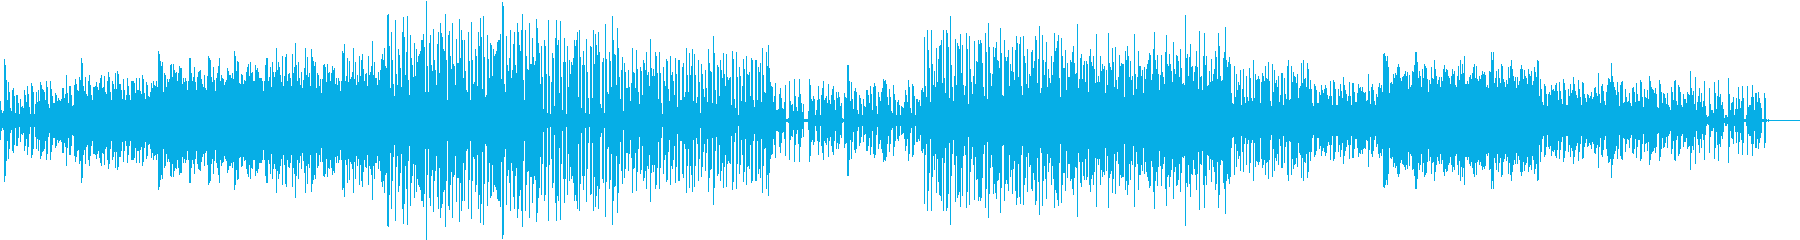 FunkなGtをテクノ風にMixした曲の再生済みの波形